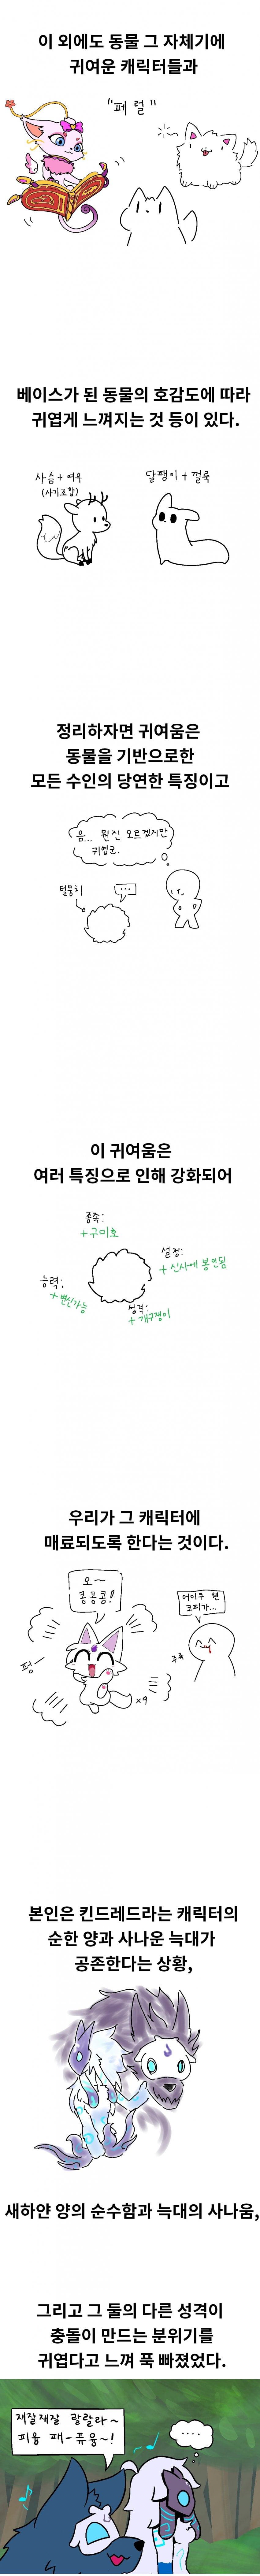 viewimage.php?id=2ba8c234fc&no=24b0d769e1d32ca73cec83fa11d0283146e1de228a7923f189a7bc55982b7e6958ff11bbcb8295d2d7a4c78b872f4fc2f76f0784635cb1cf4e8a322503a08ae983216aece1d8cebe08a29eb415790b76829b